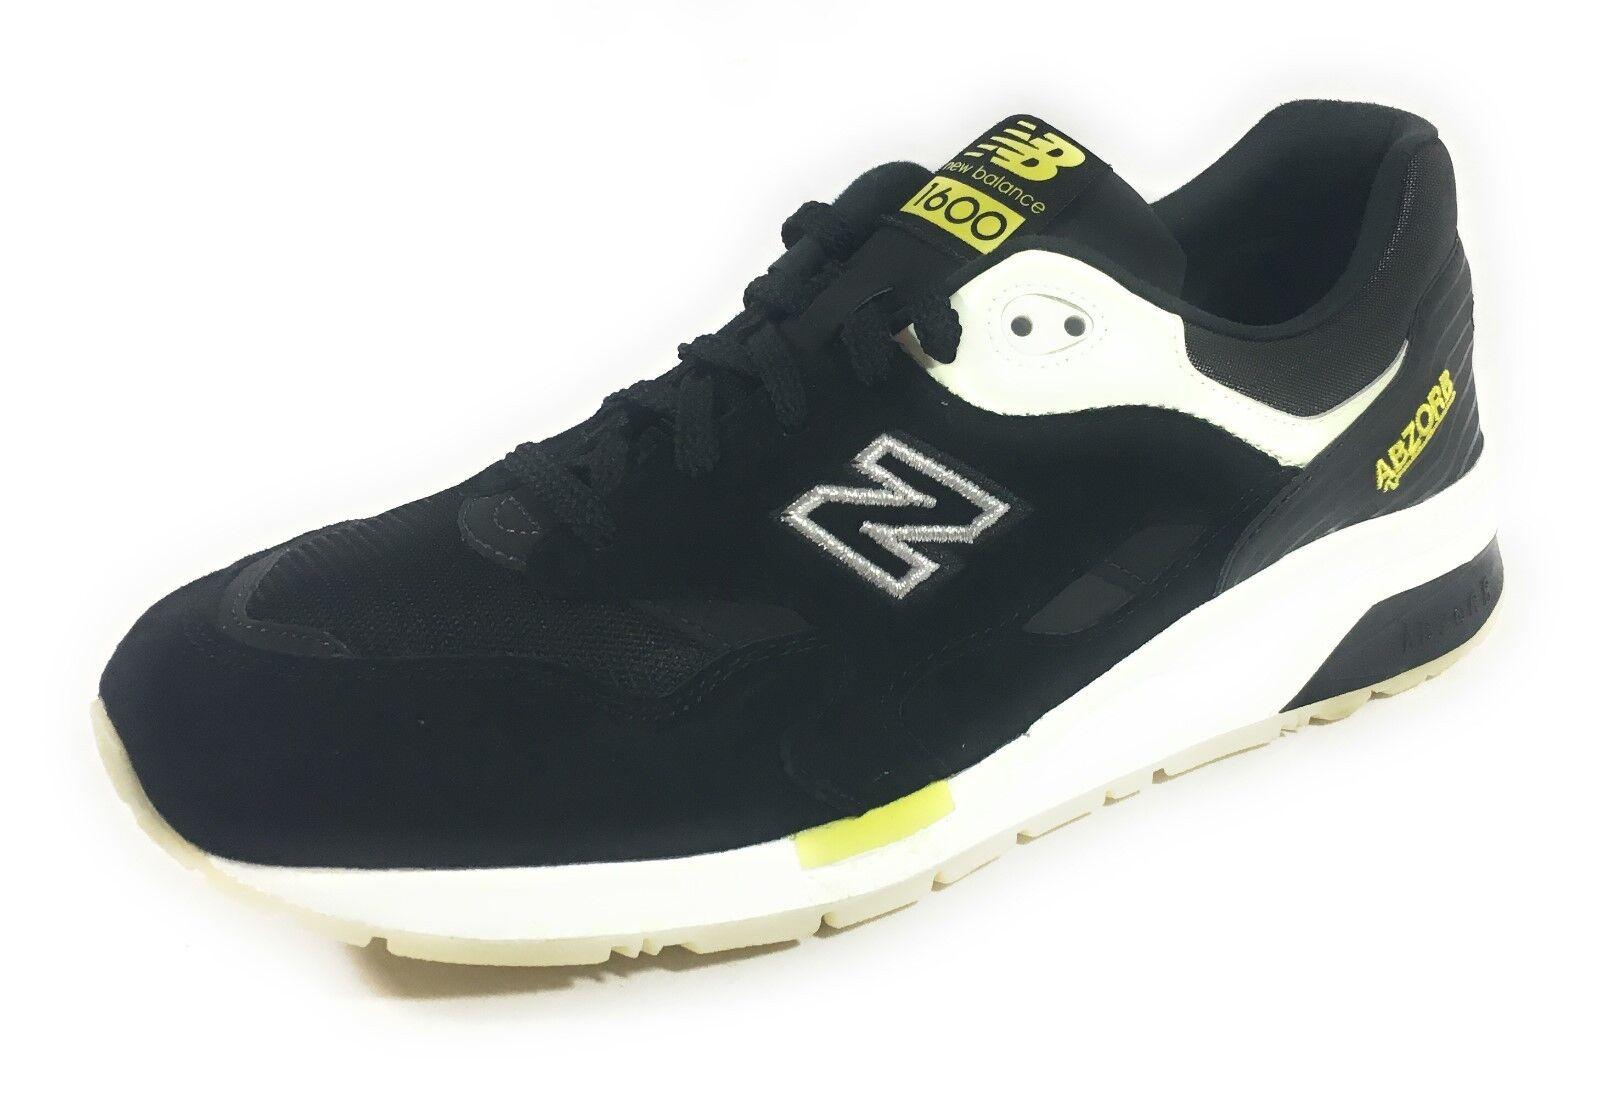 New Balance 1600 Elite Edition Solarized shoes Mens Size 11 Black CM1600EC